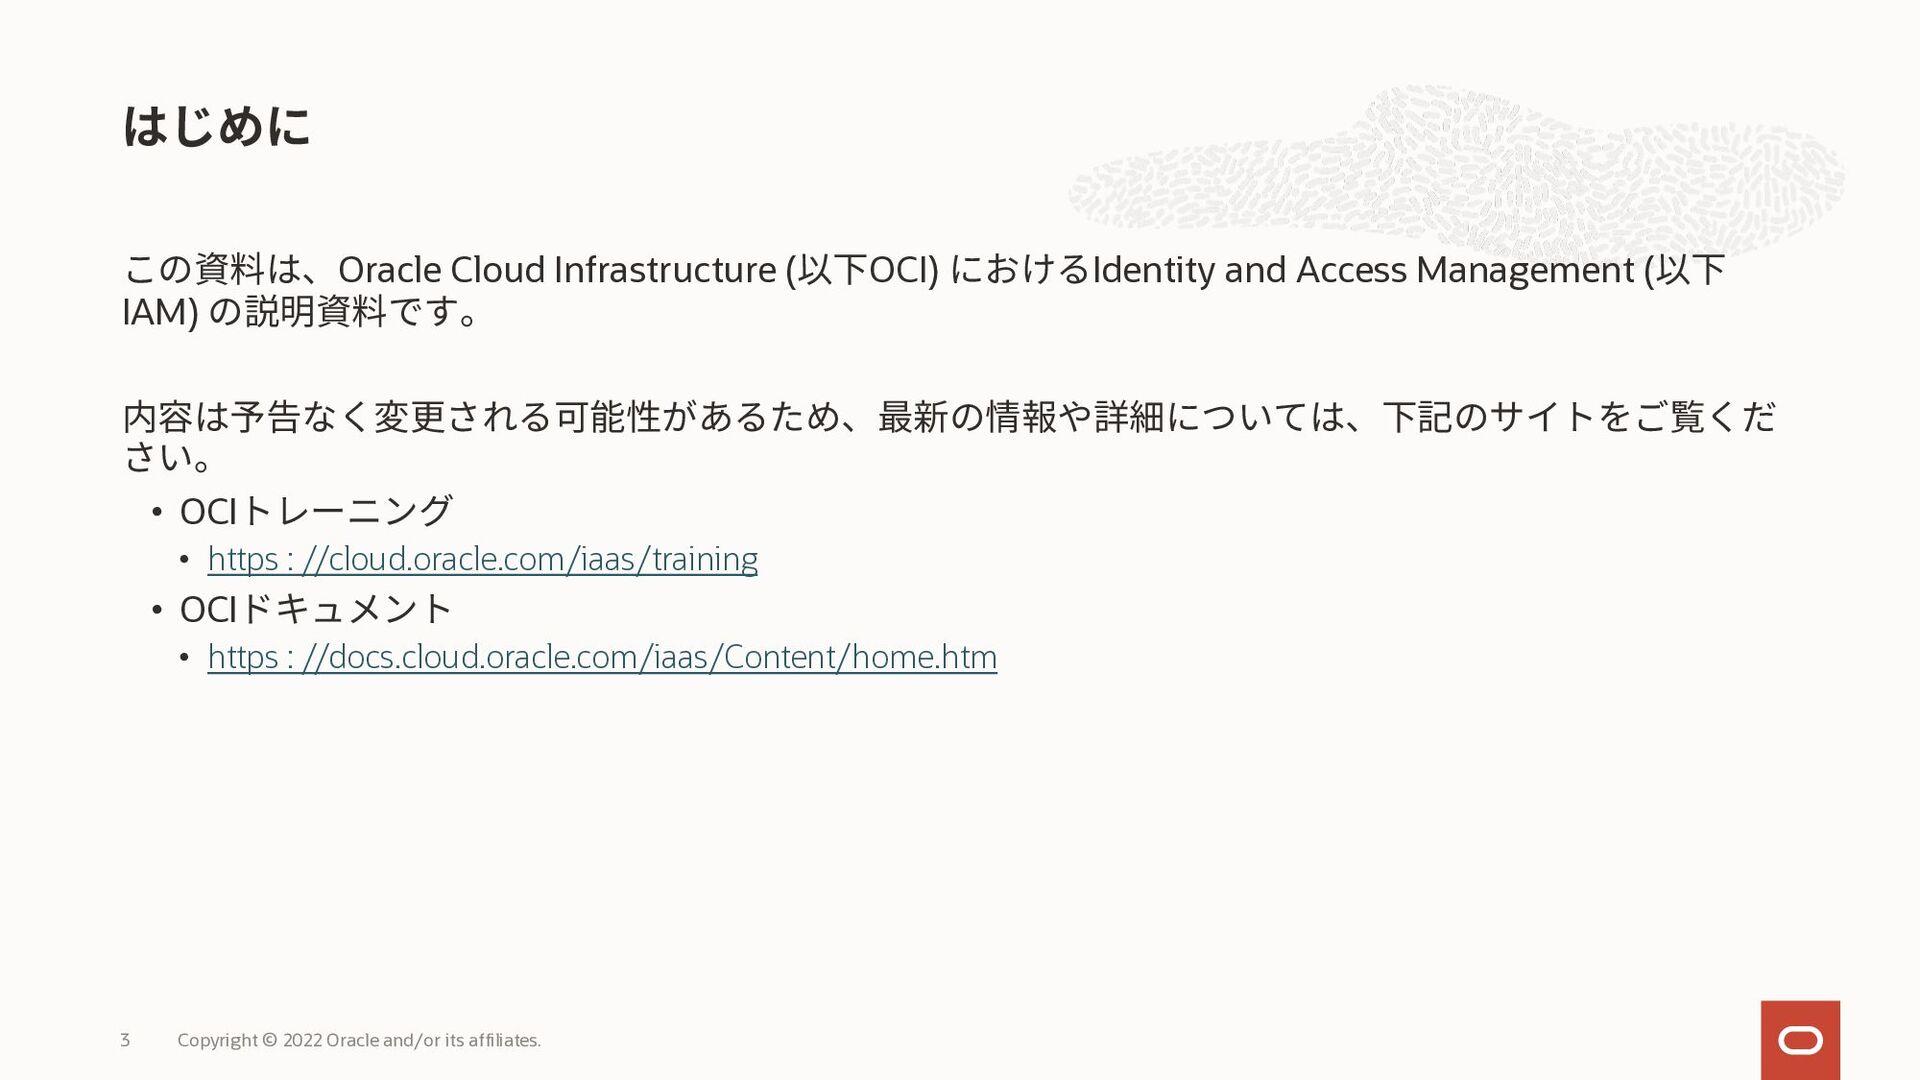 この資料は、Oracle Cloud Infrastructure (以下OCI) におけるI...